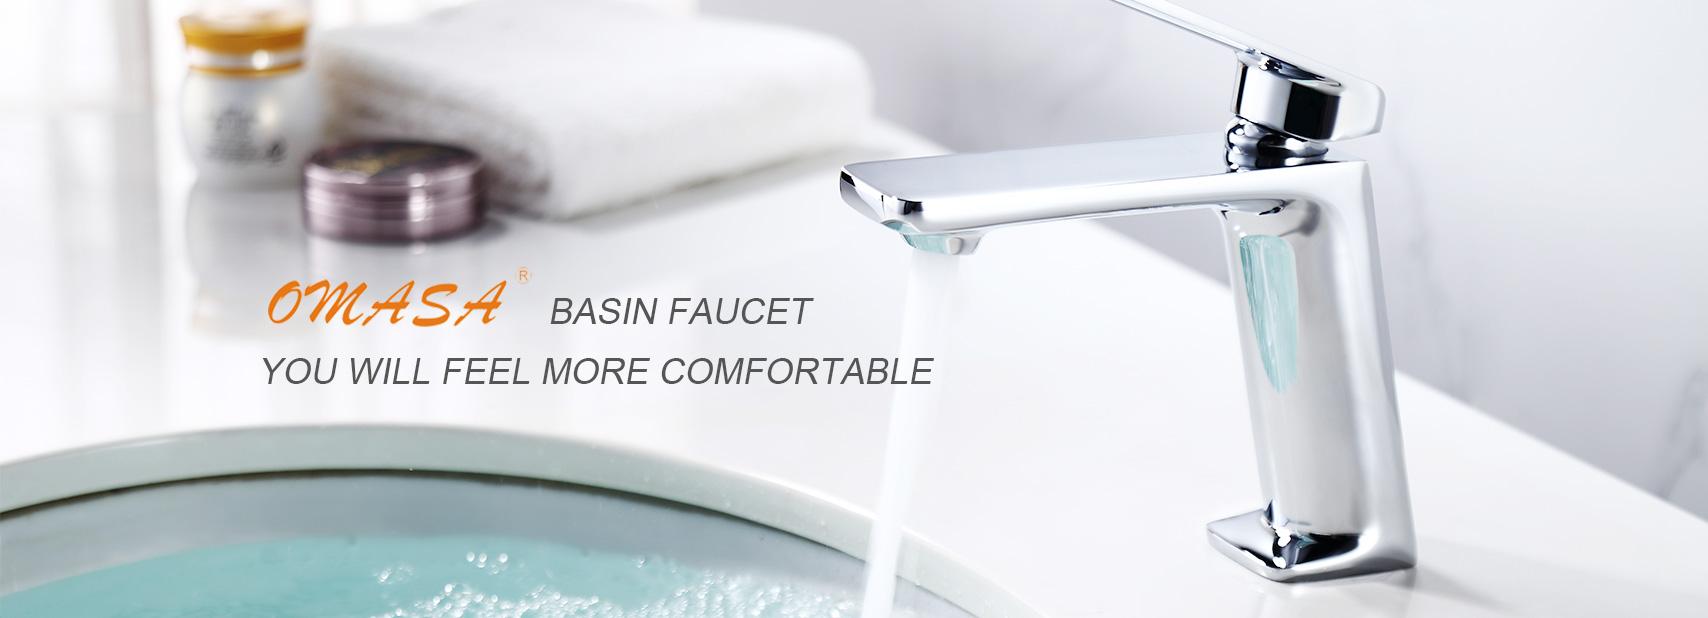 OMASA Basin Faucet